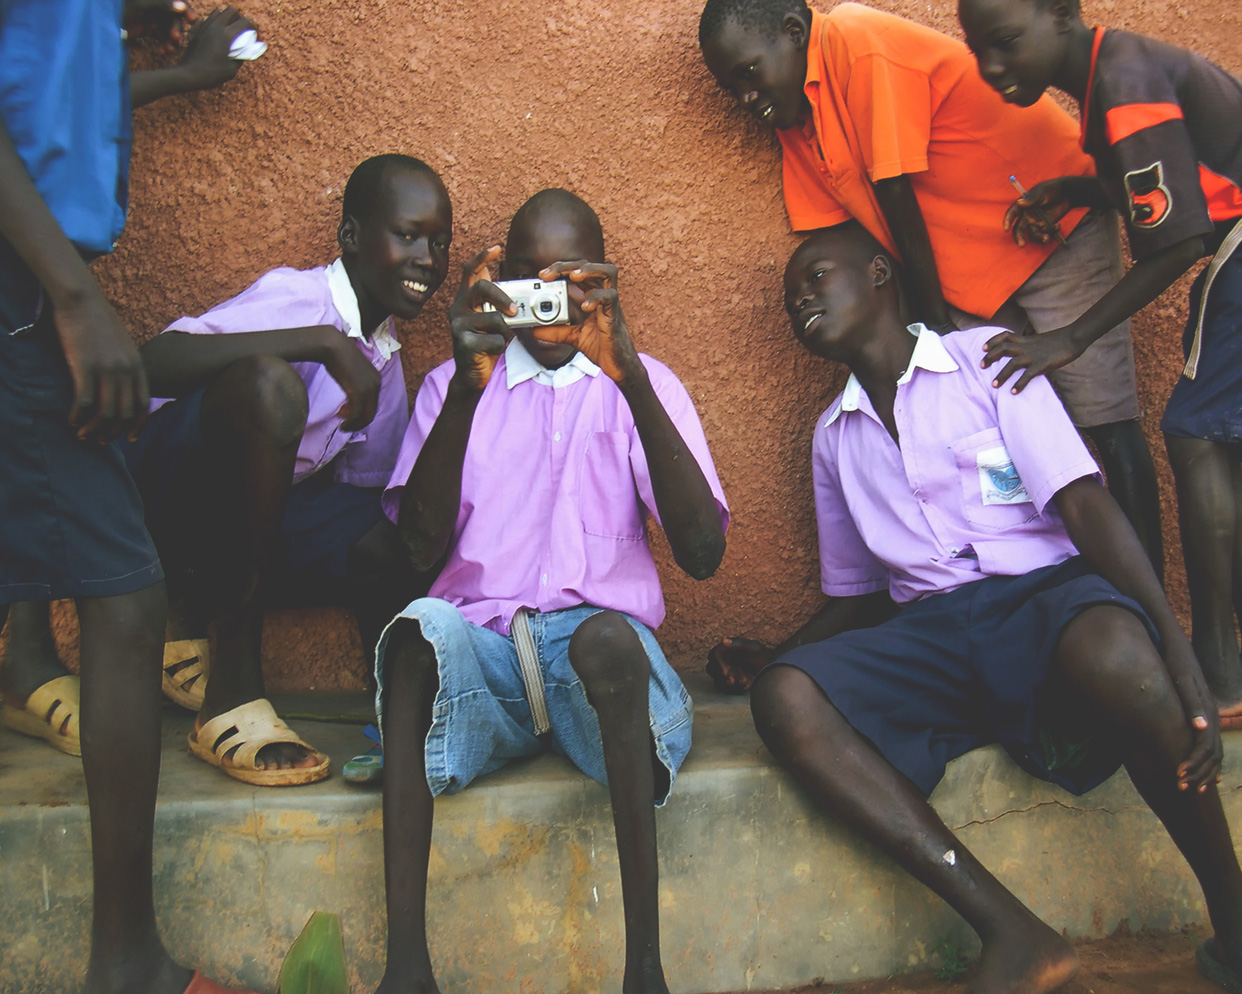 sudan-children-camera